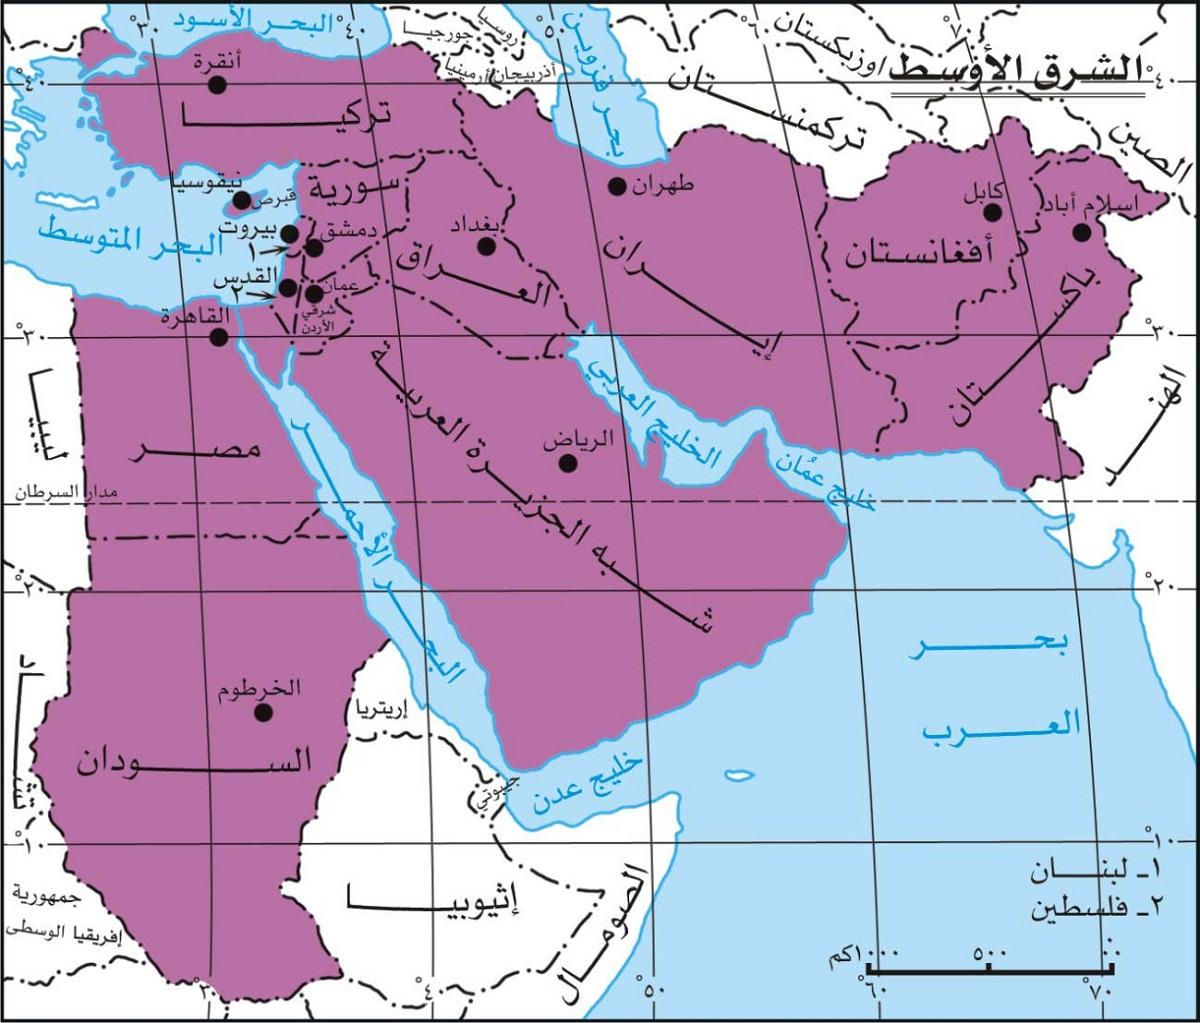 على المجتمع الدولي إنهاء صراعات الشرق الأوسط